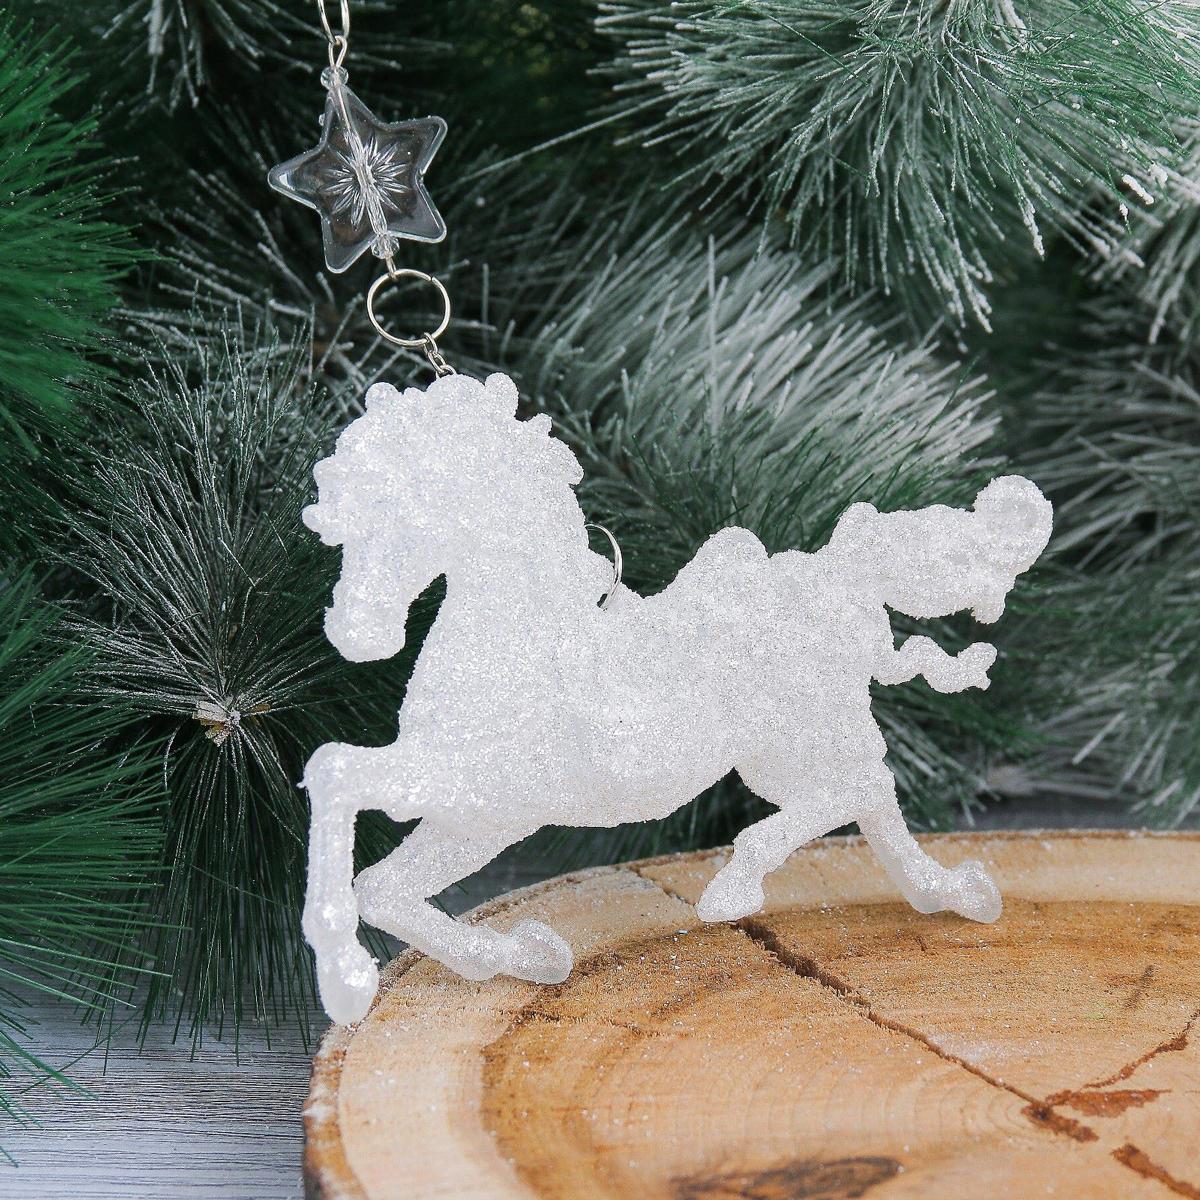 Новогоднее подвесное украшение Конь, 11 х 8,5 см2371450Новогоднее подвесное украшение отлично подойдет для декорации вашего дома и новогодней ели. С помощью специальной петельки украшение можно повесить в любом понравившемся вам месте. Но, конечно, удачнее всего оно будет смотреться на праздничной елке.Елочная игрушка - символ Нового года. Она несет в себе волшебство и красоту праздника. Такое украшение создаст в вашем доме атмосферу праздника, веселья и радости.